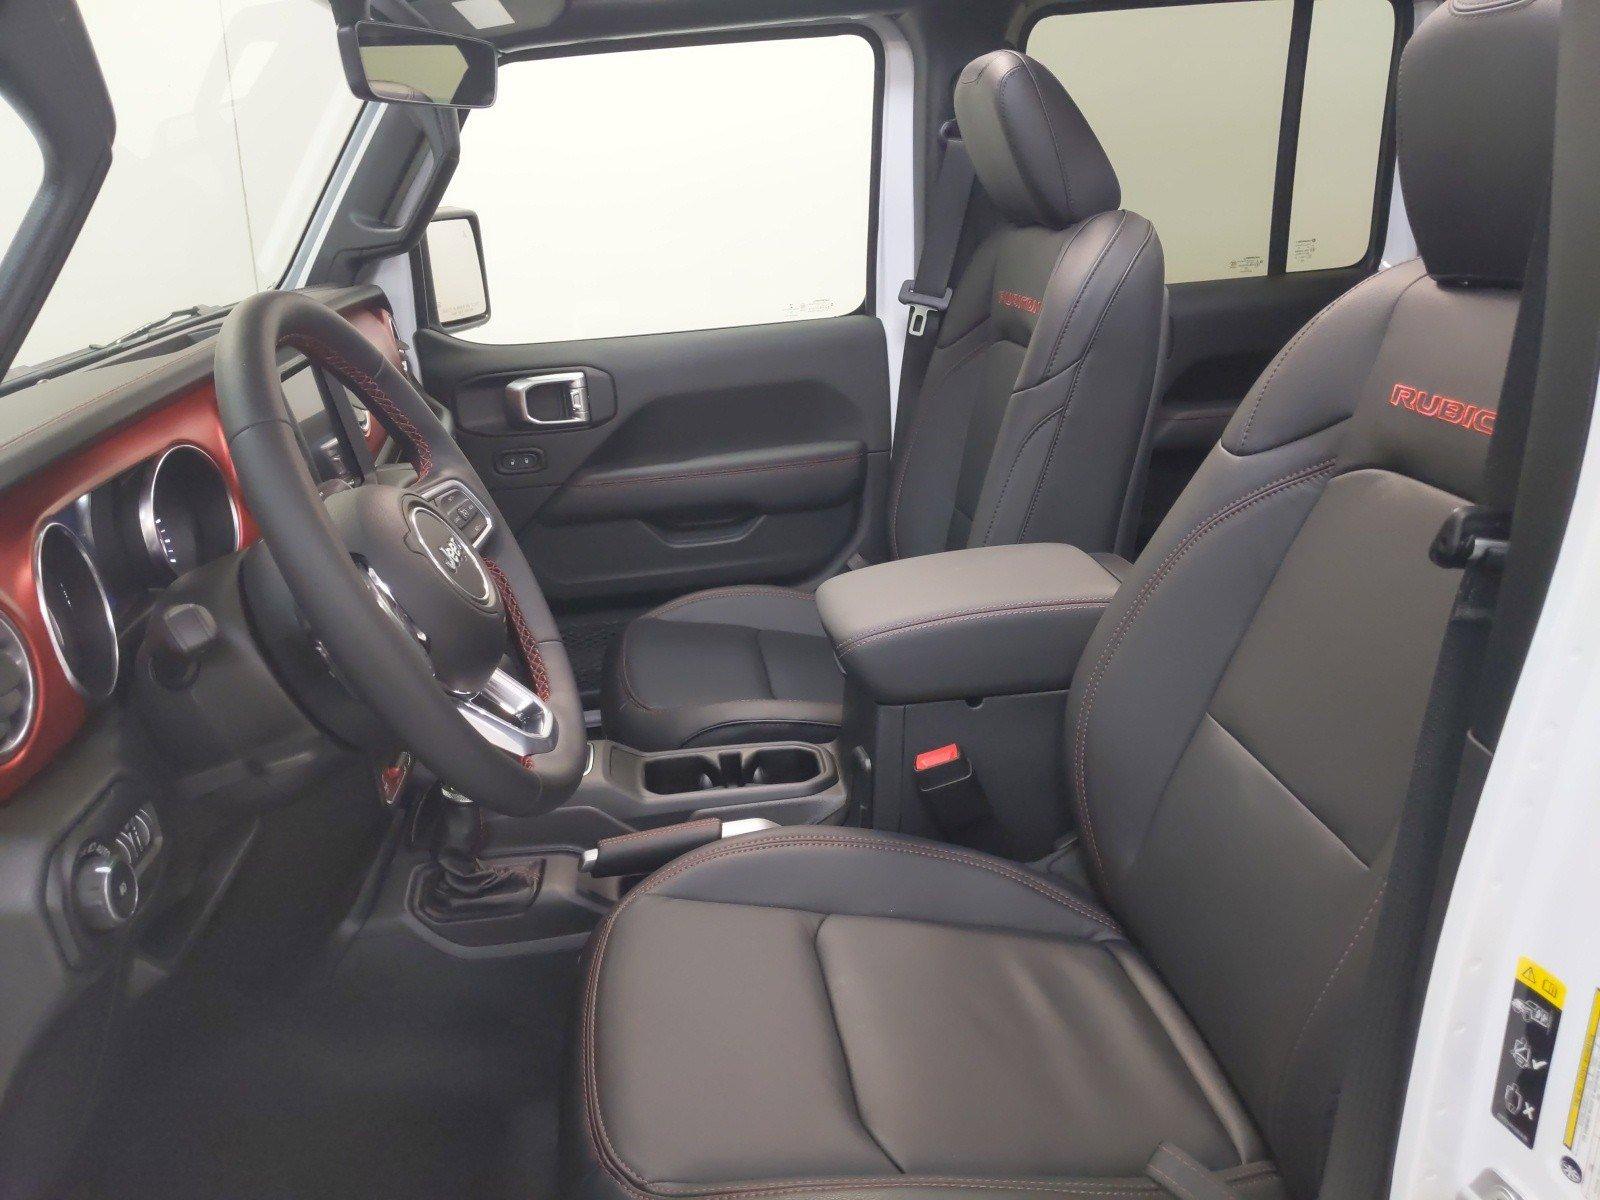 Used 2021 Jeep Wrangler Rubicon Convertible for sale in Grand Island NE